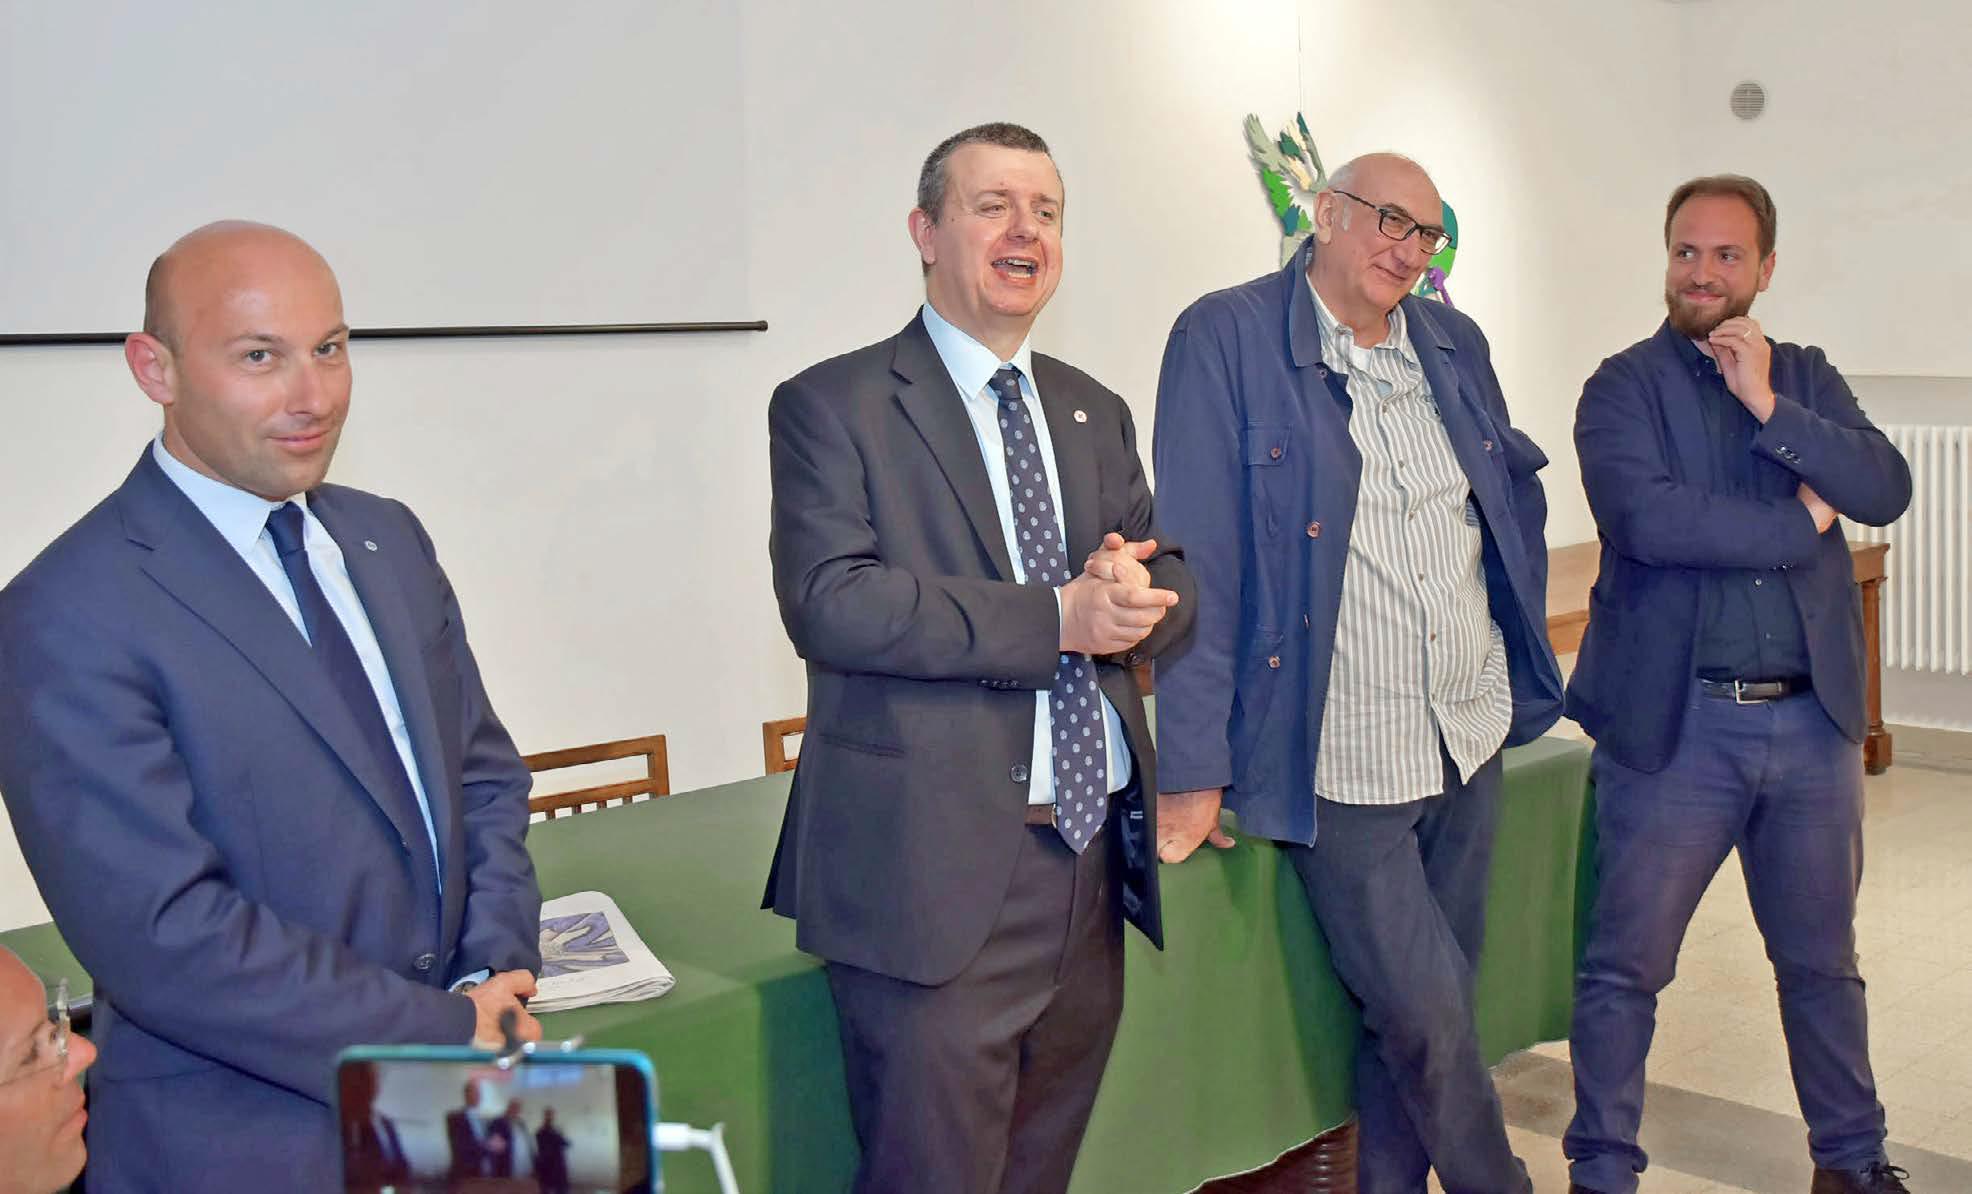 Alberto Vaghi, Maurizio Ettore Maccarini, Dario Brevi, Tommaso Chiappa